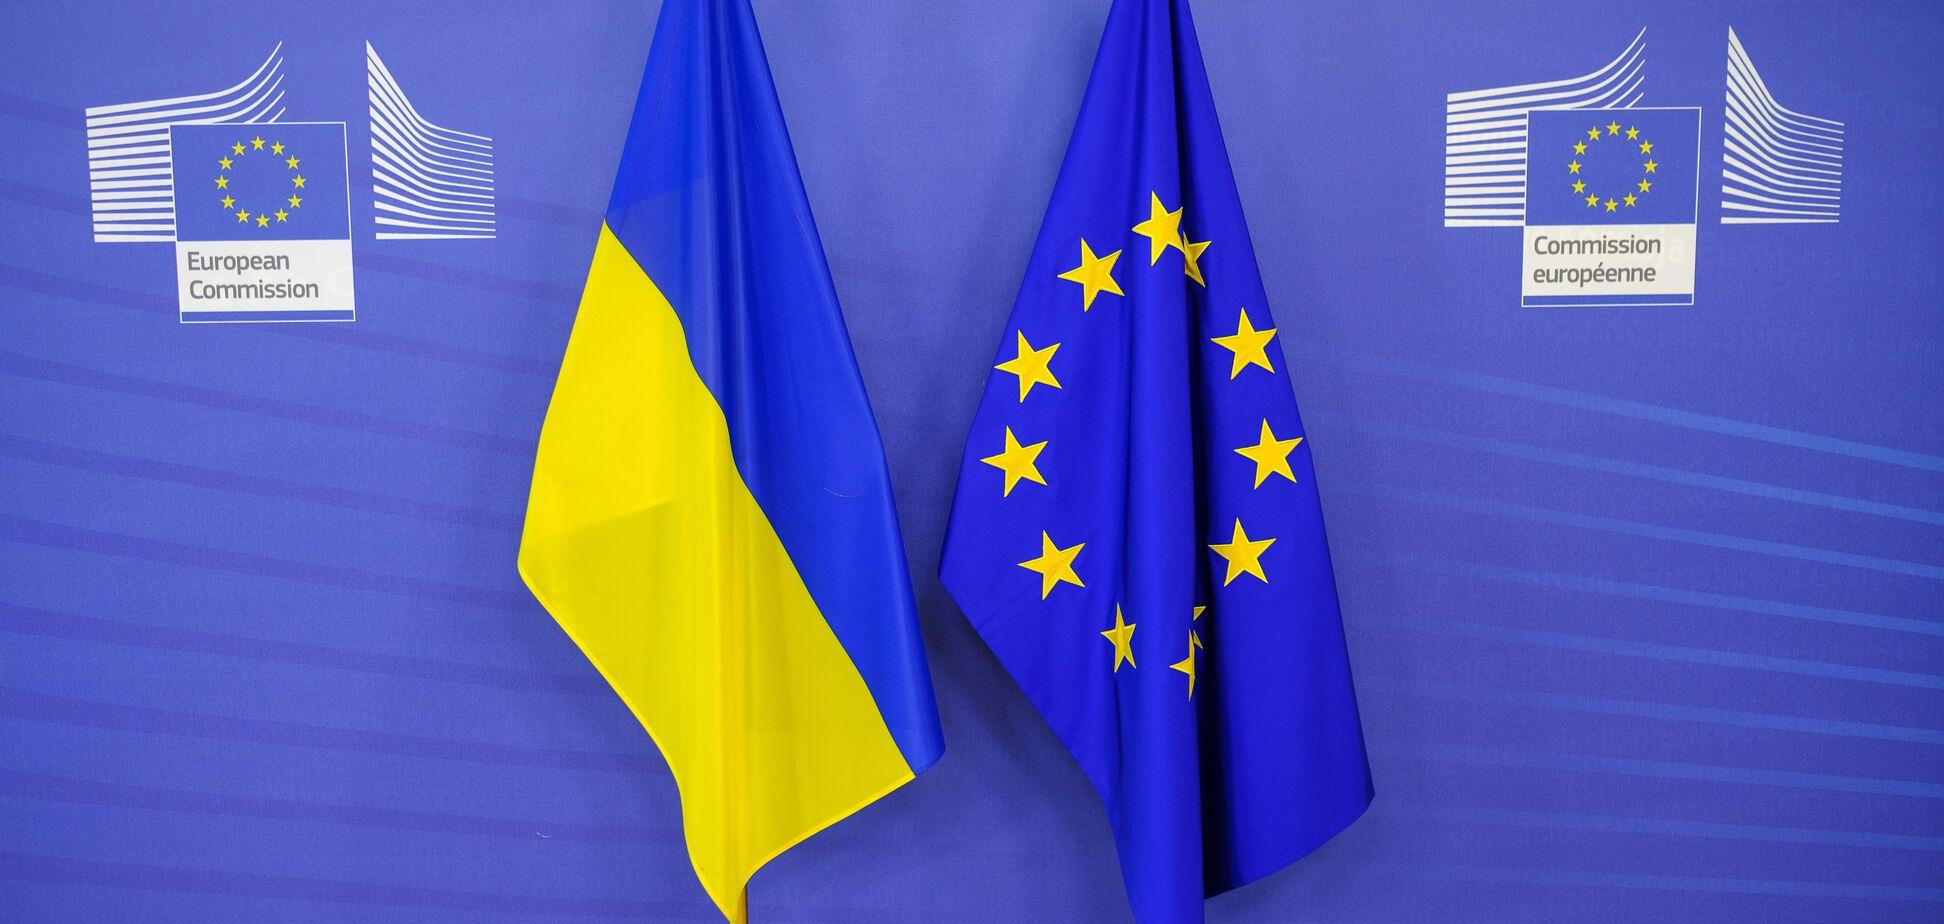 Украину могут внести в офшорный список стран ЕС